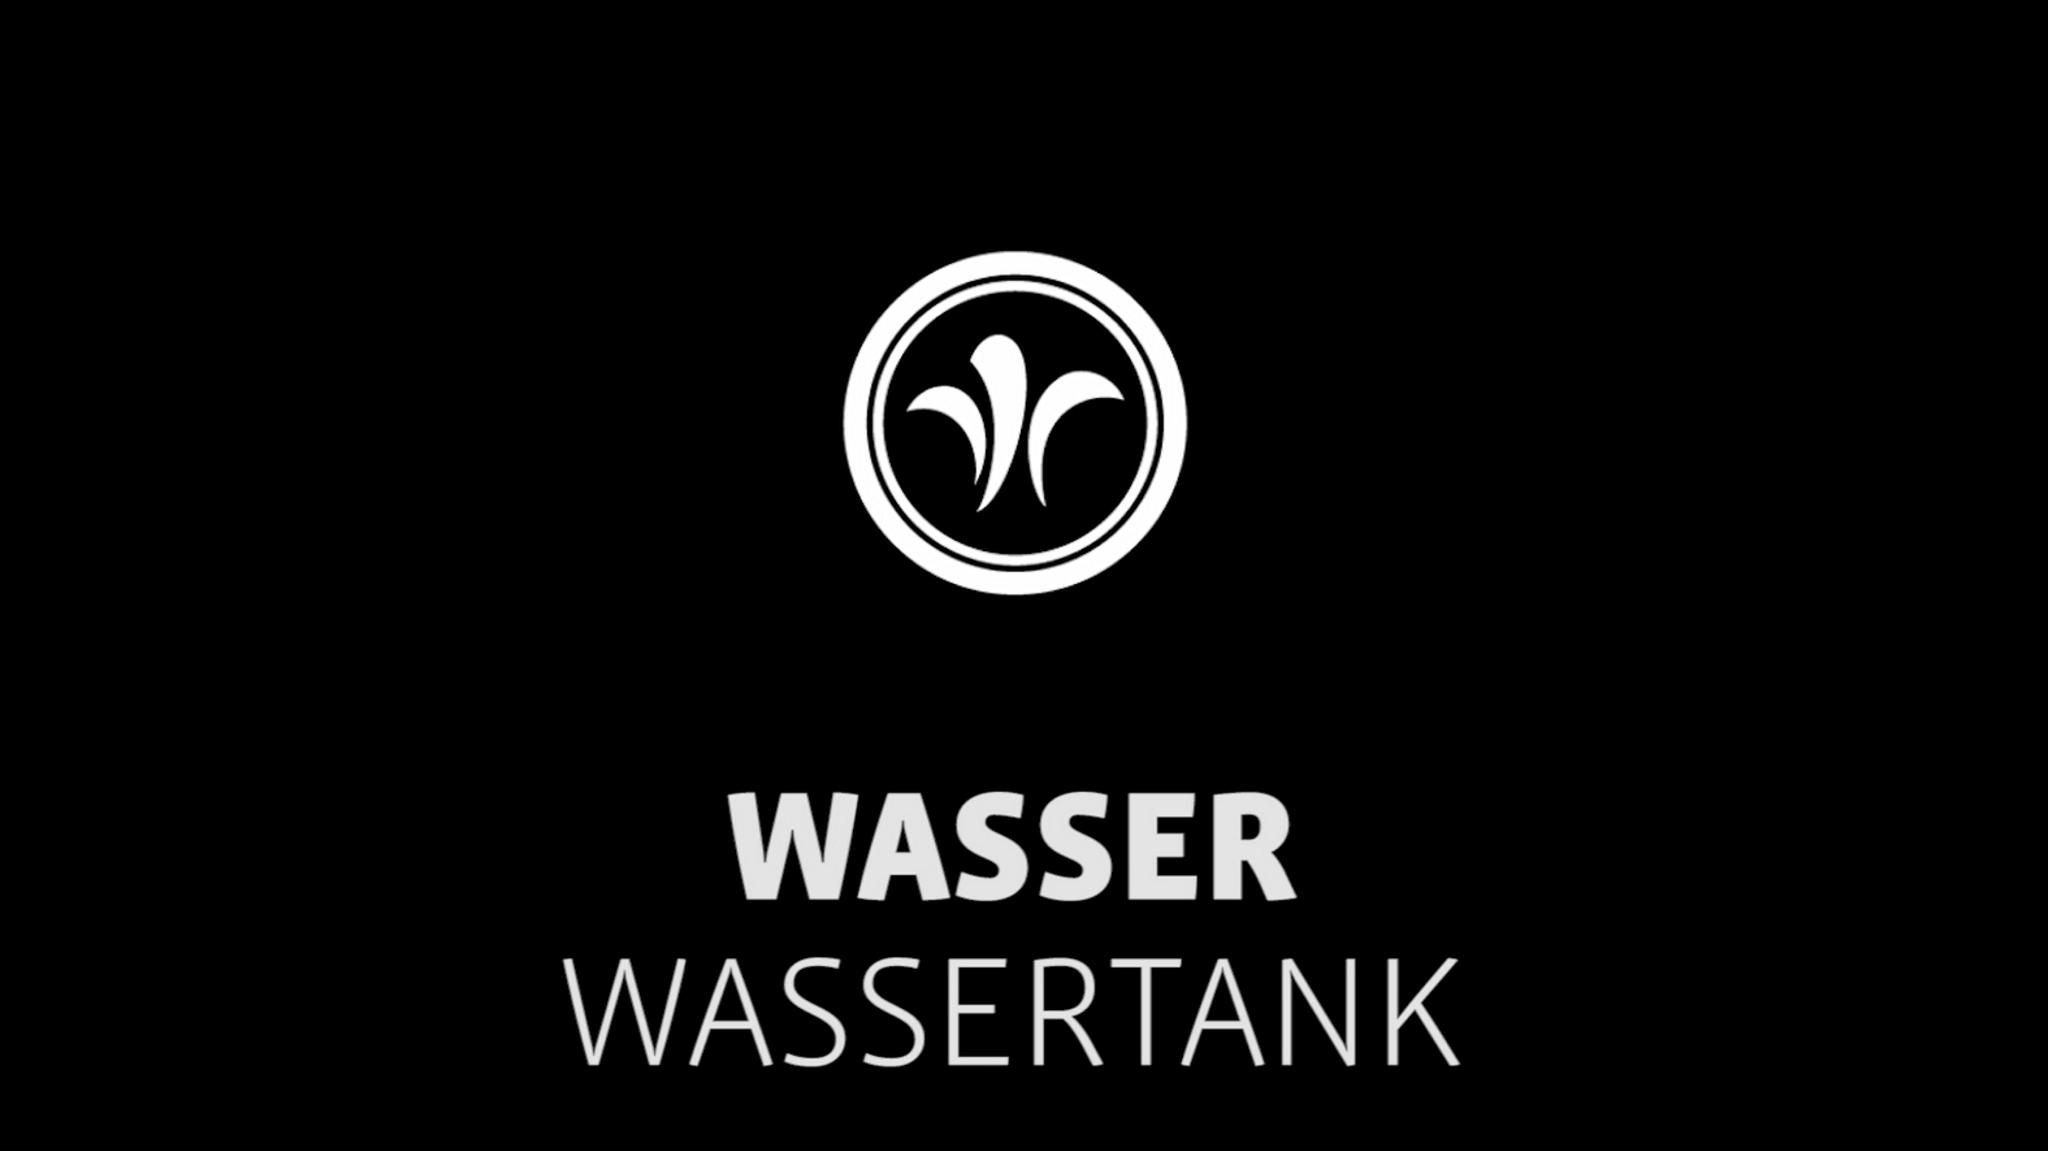 Wohnmobil Wassertank // Niesmann+Bischoff – Reisemobil (Modell ARTO) // 2019 // WA1